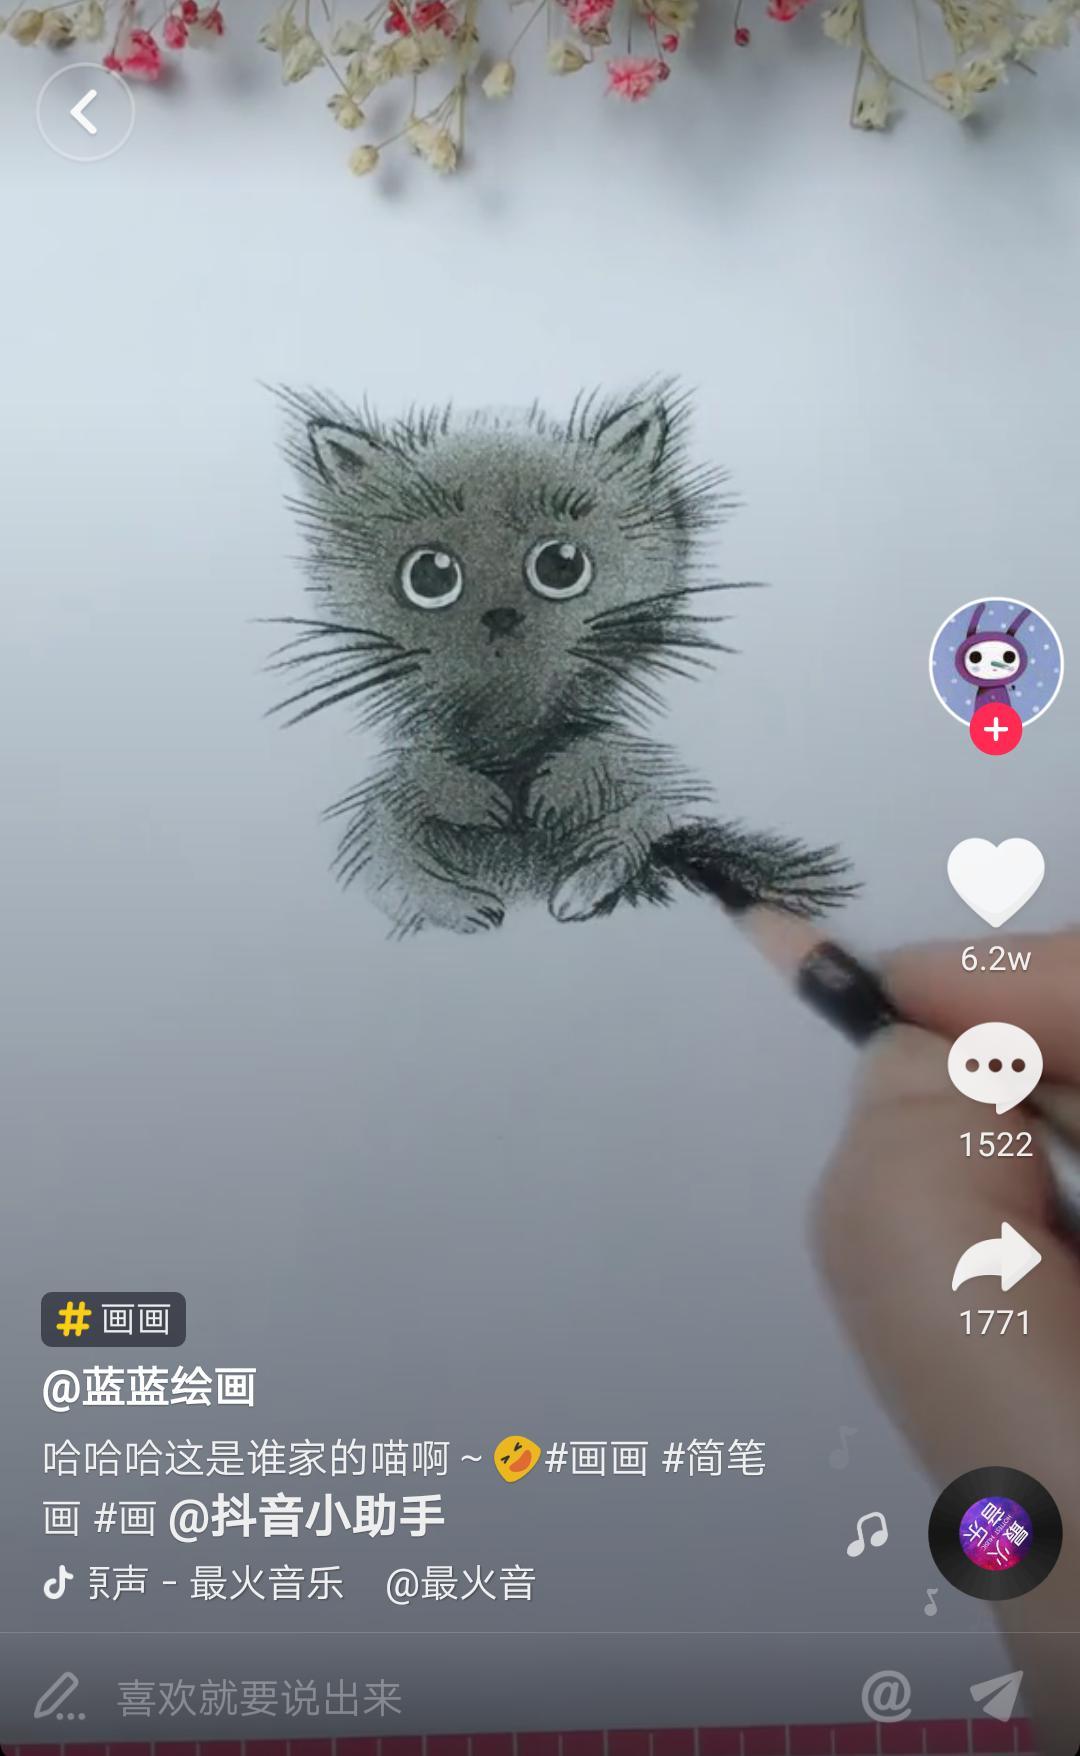 http://www.k2summit.cn/qichexiaofei/669778.html